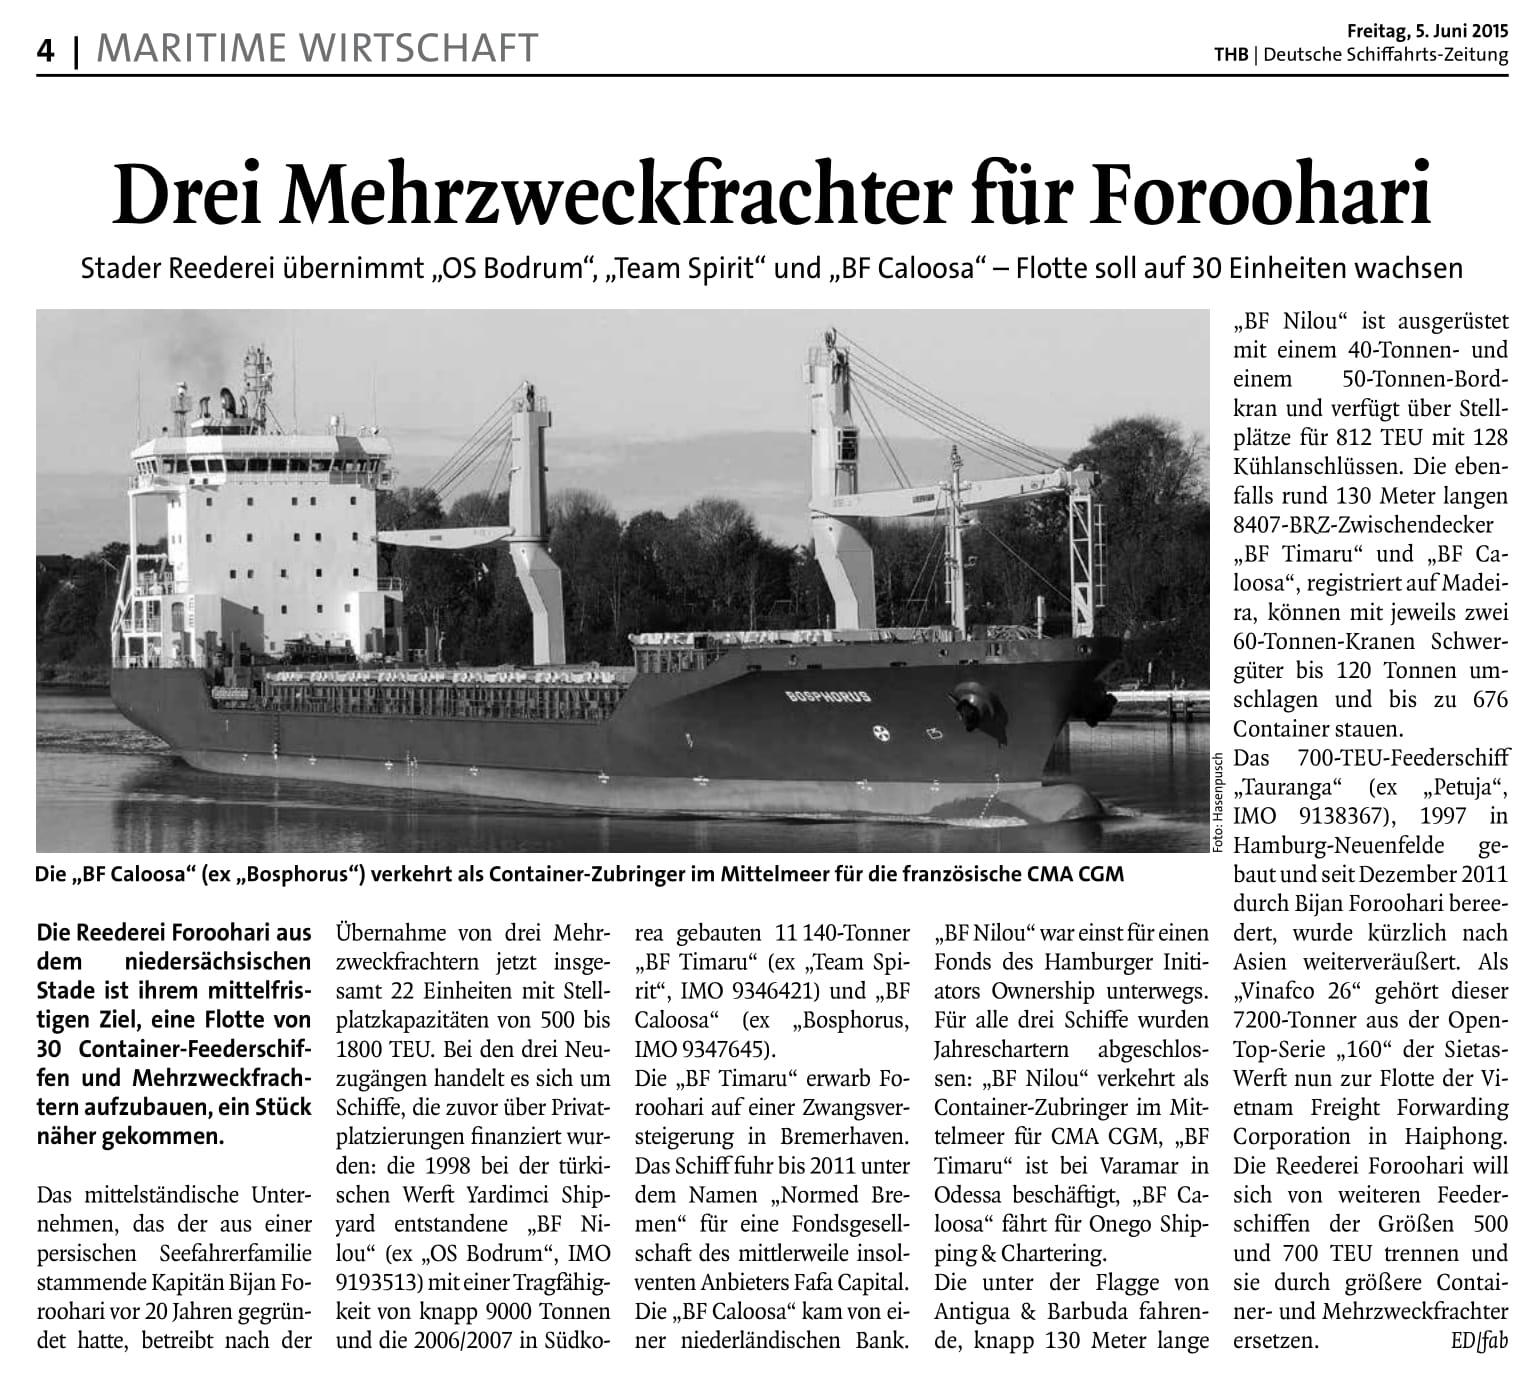 THB Deutsche Schifffahrtszeitung 05.06.2015